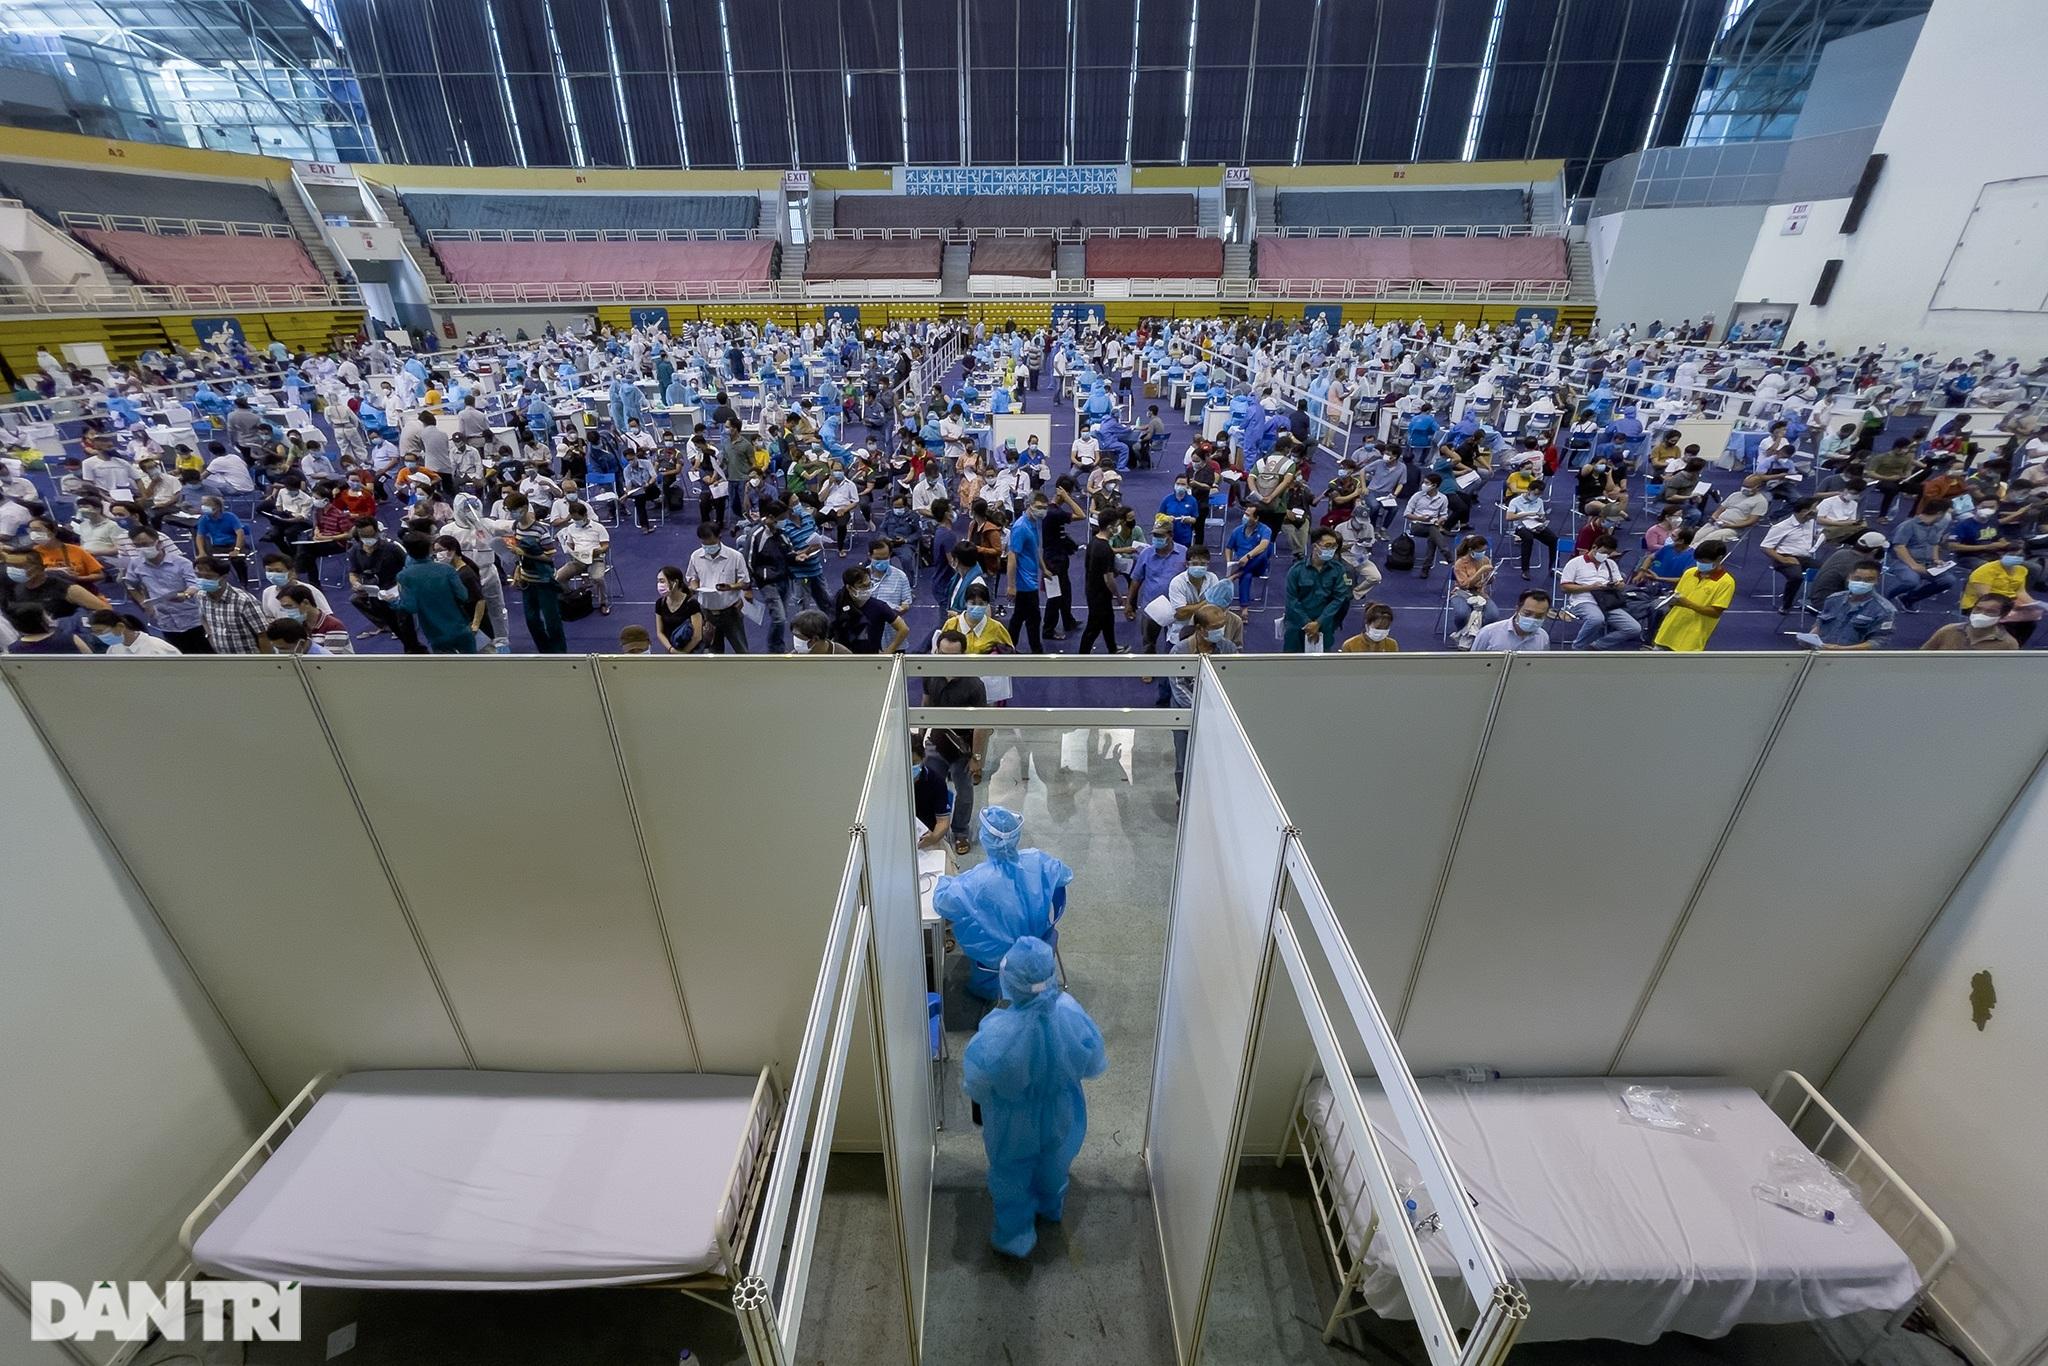 Hình ảnh người dân TPHCM xếp hàng tiêm vắc xin Covid-19 đông chưa từng thấy - 9